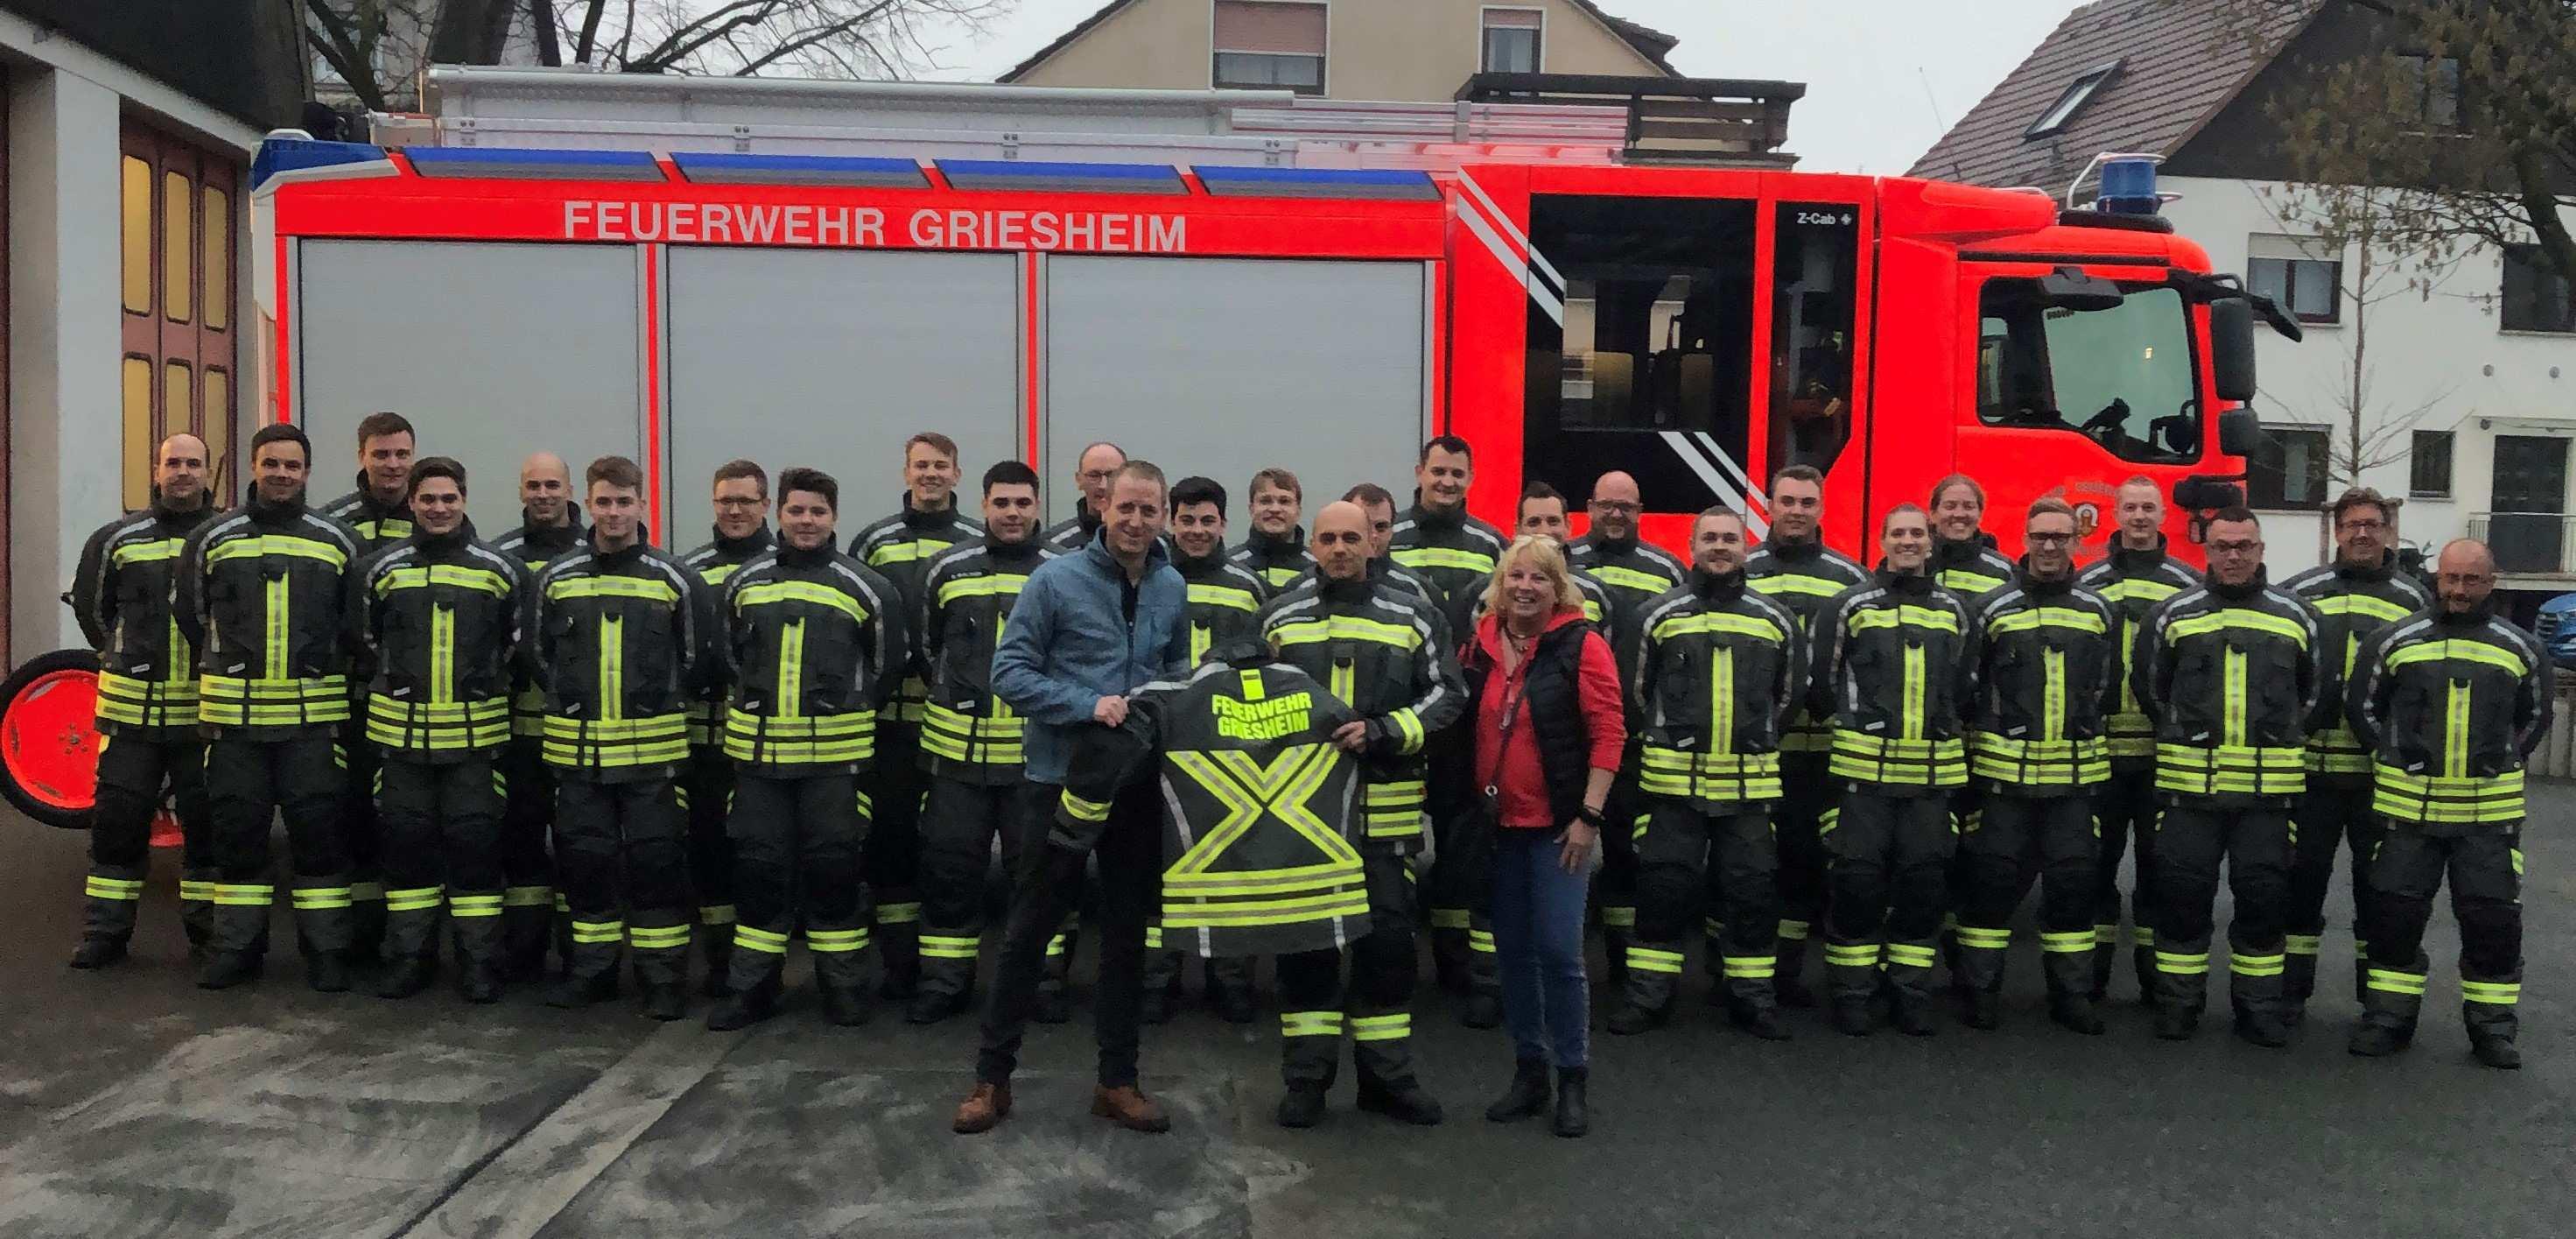 Texport Fire Explorer X Treme Schutzbekleidung Fur Die Feuerwehr Griesheim Weinhold Gmbh